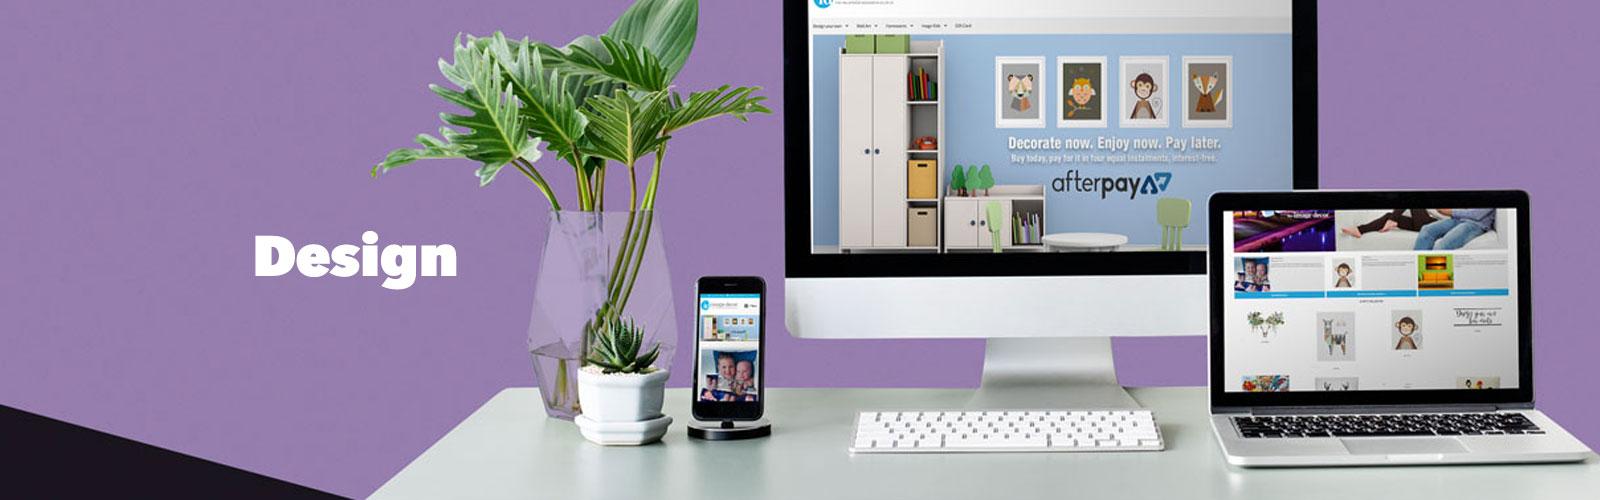 Design @ Image Digital